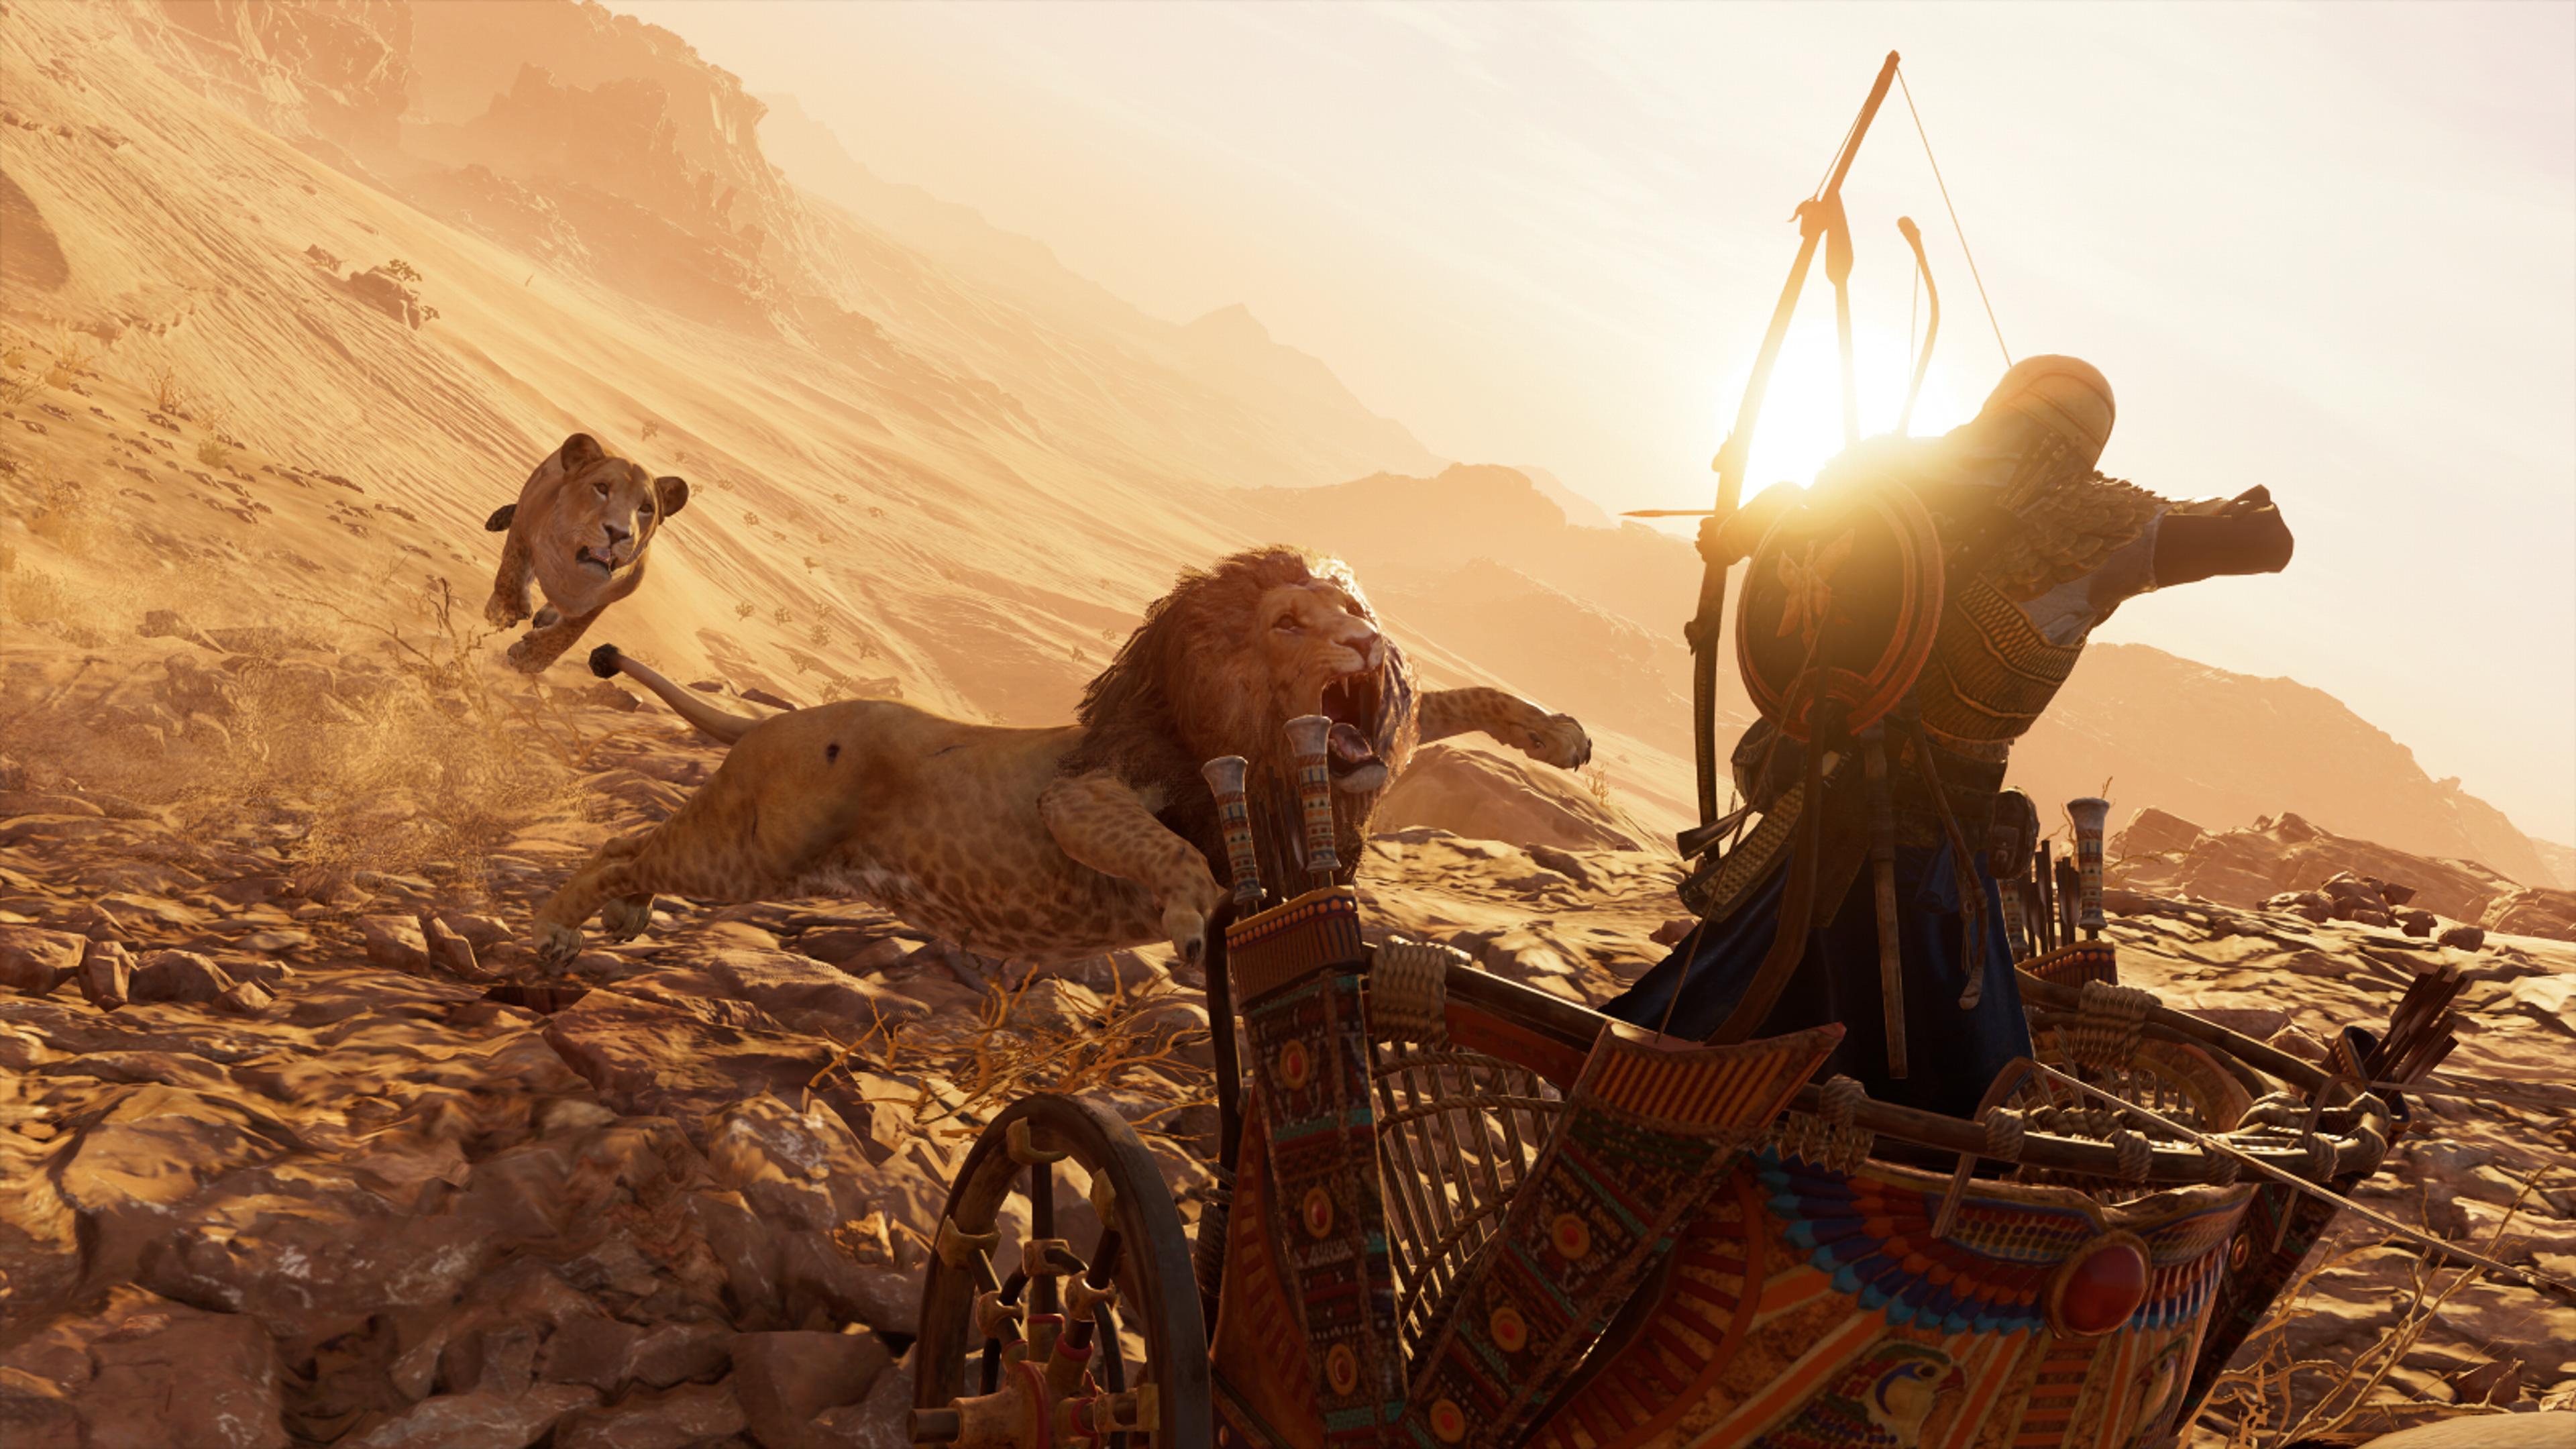 2018 Assassins Creed Origins 4k Hd Games 4k Wallpapers: Lions Assassins Creed Origins 4k, HD Games, 4k Wallpapers